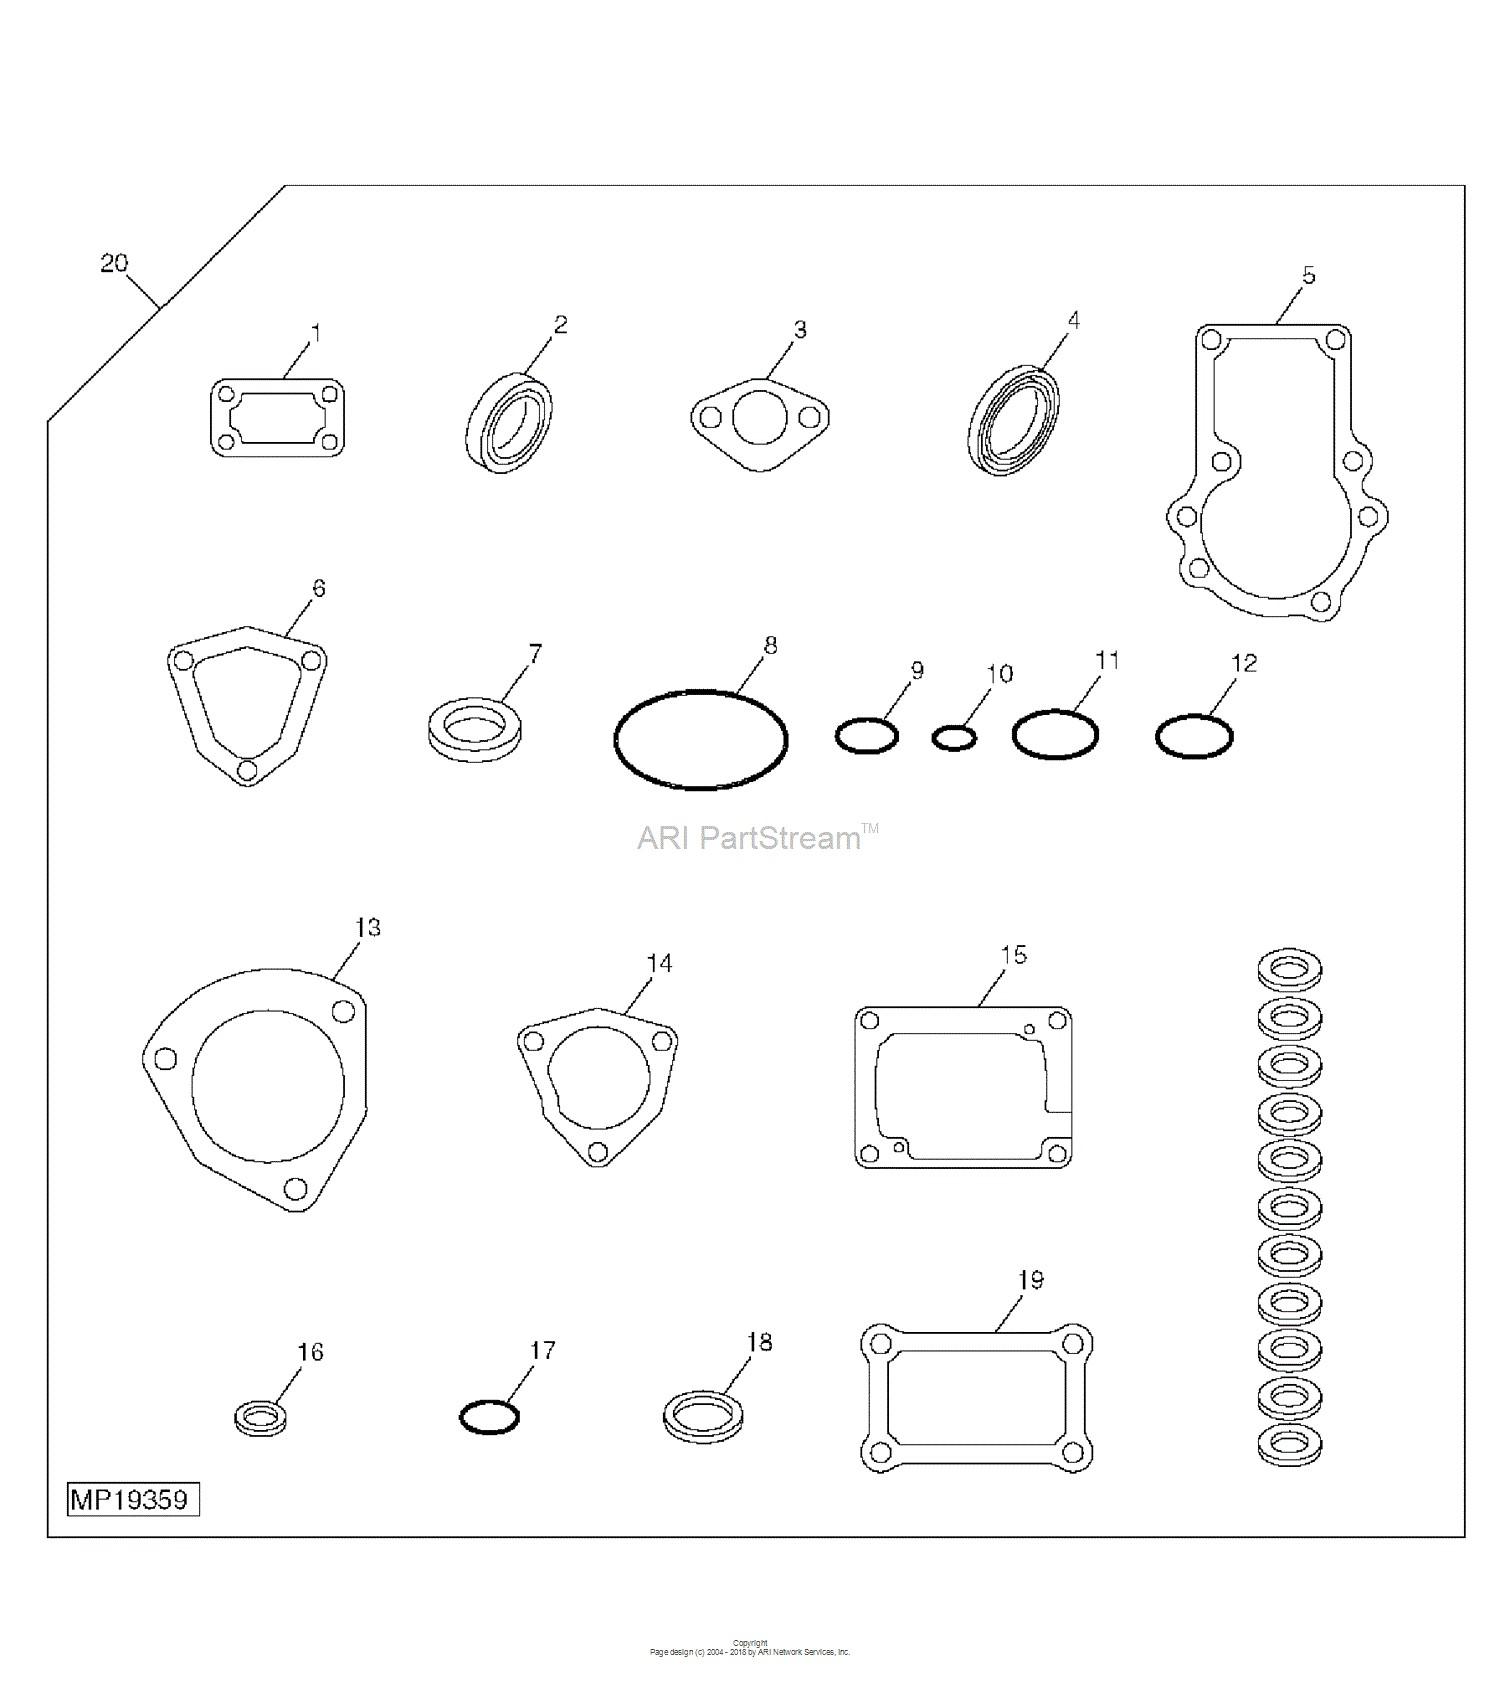 Yanmar Engine Parts Diagram John Deere Parts Diagrams John Deere Bm 11 Blade Reel Cutting Of Yanmar Engine Parts Diagram